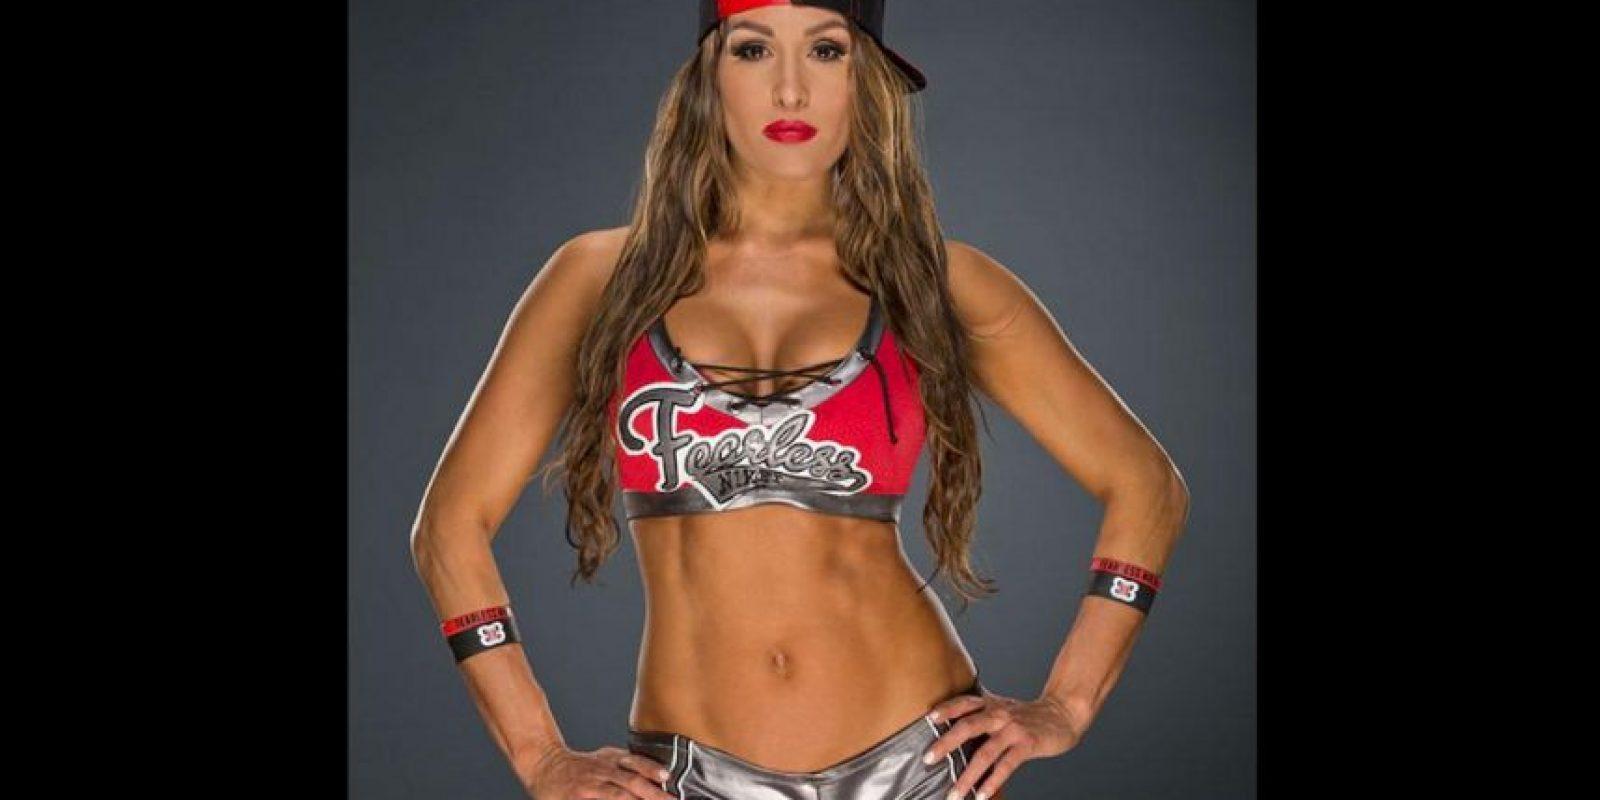 La ascendencia de Nikki es mexicana e italiana (su apellido real es García Colace). Foto:WWE